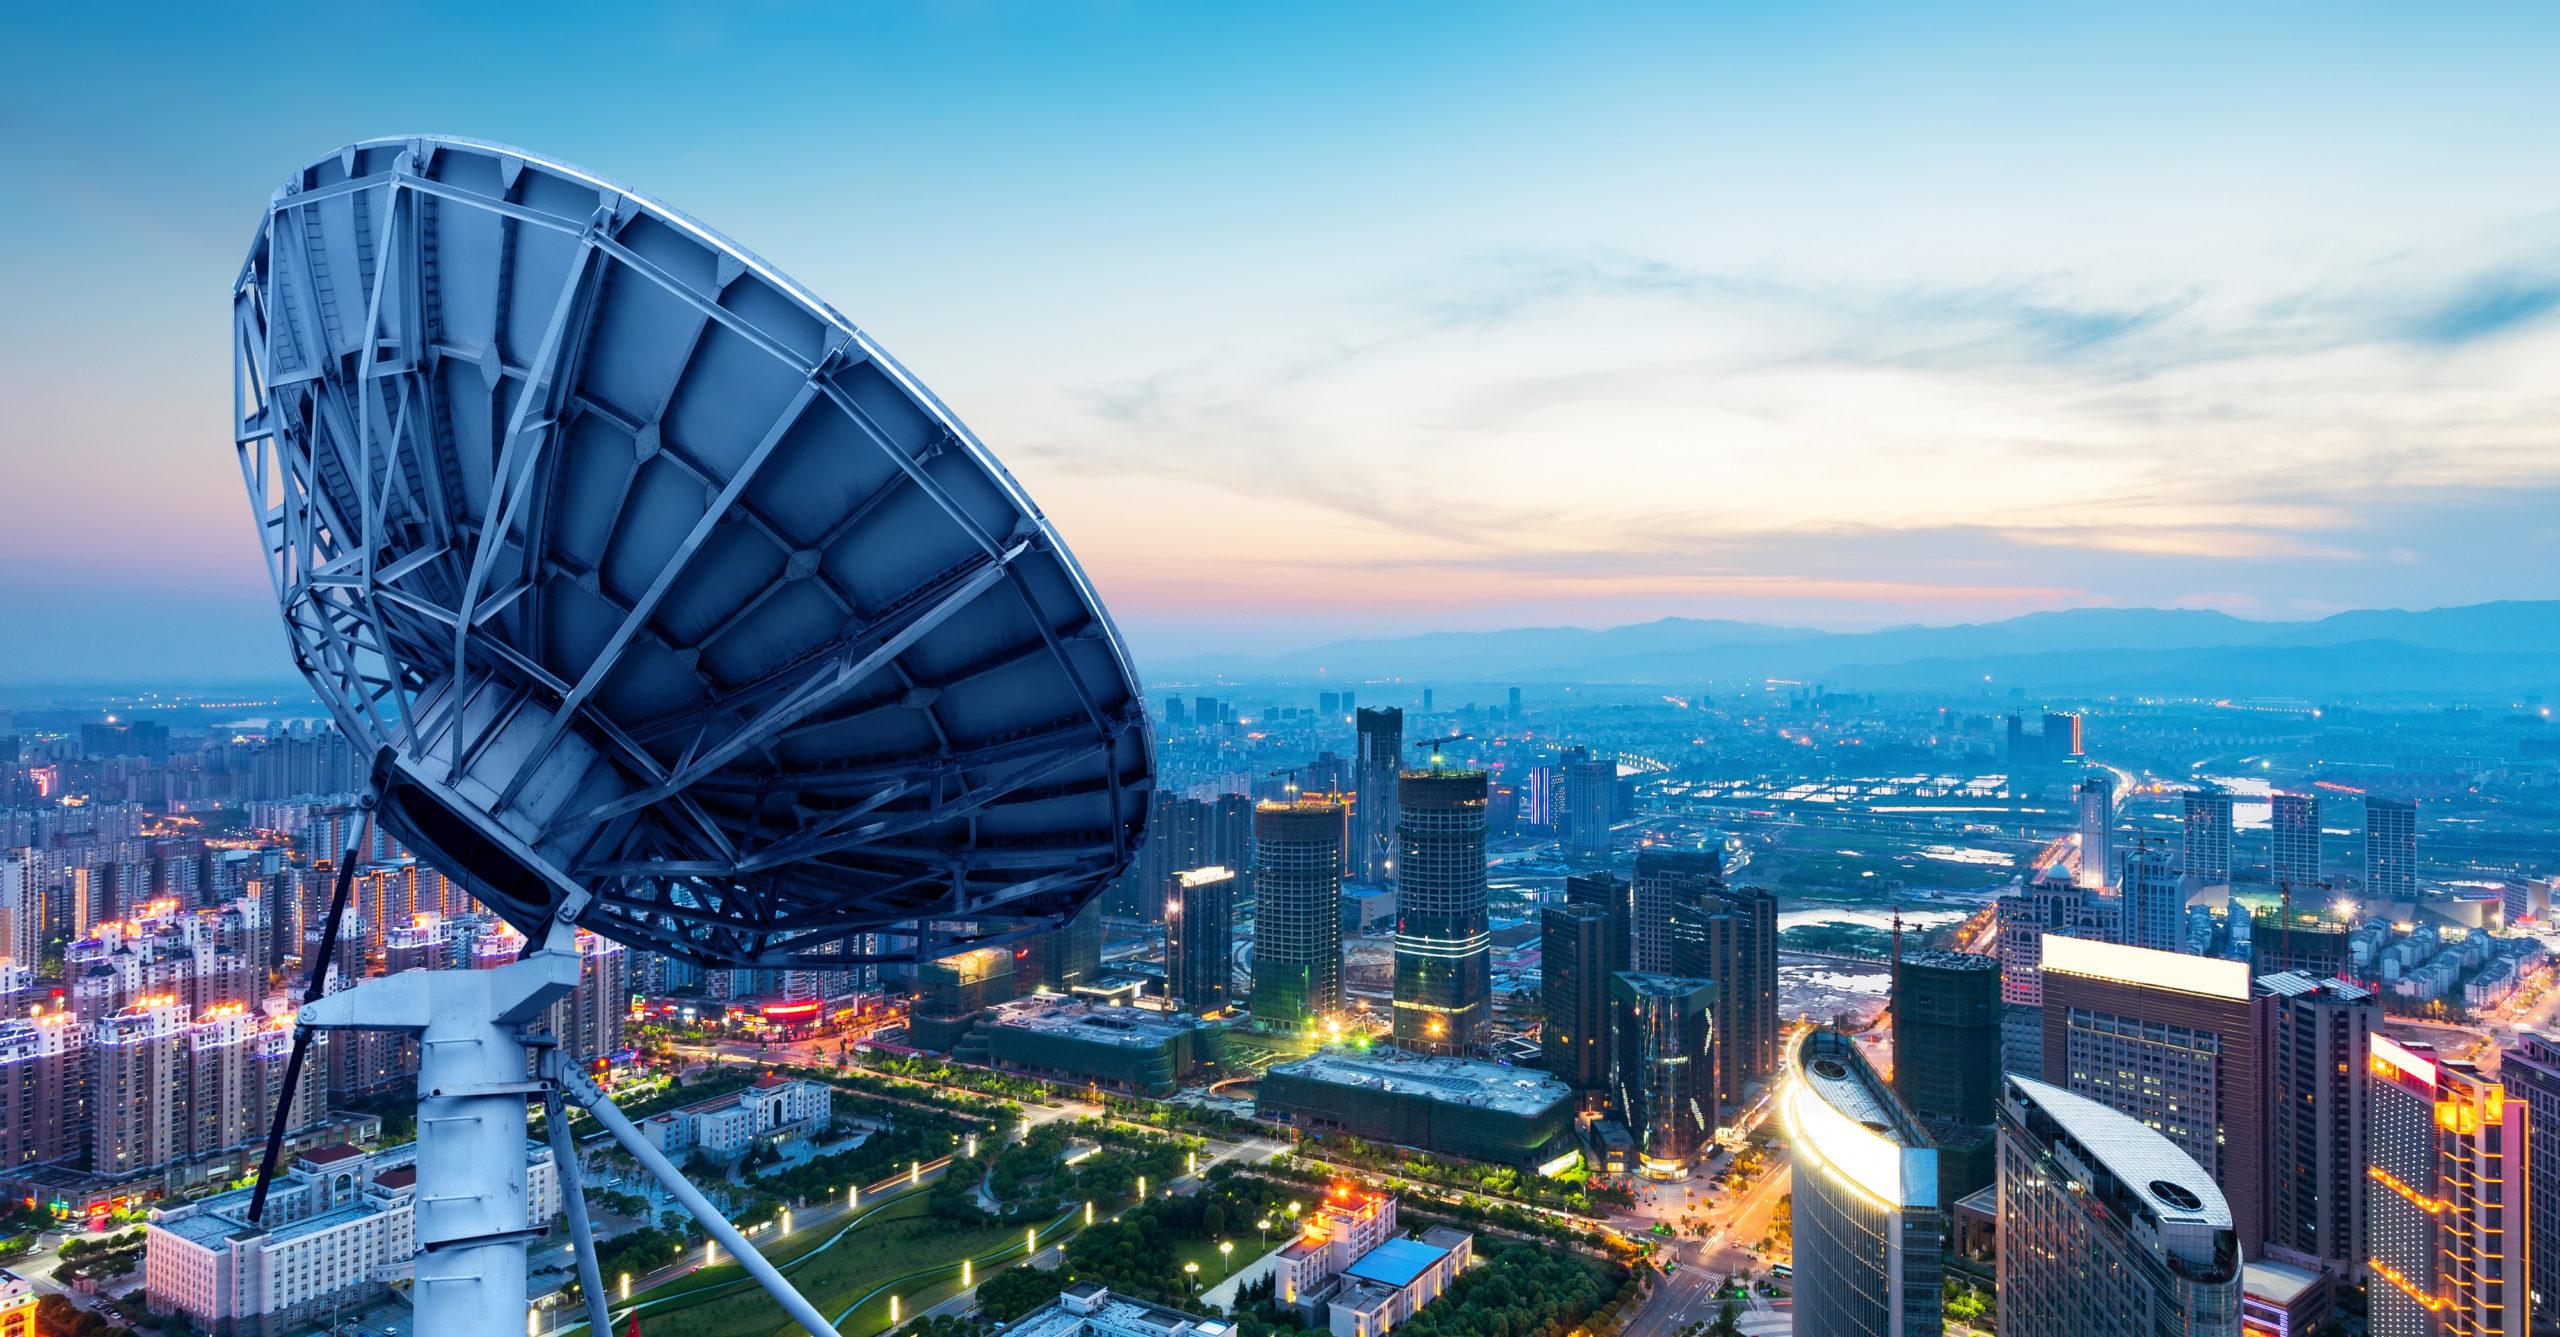 Développer et gérer les liens de télécommunications et les réseaux interconnectés